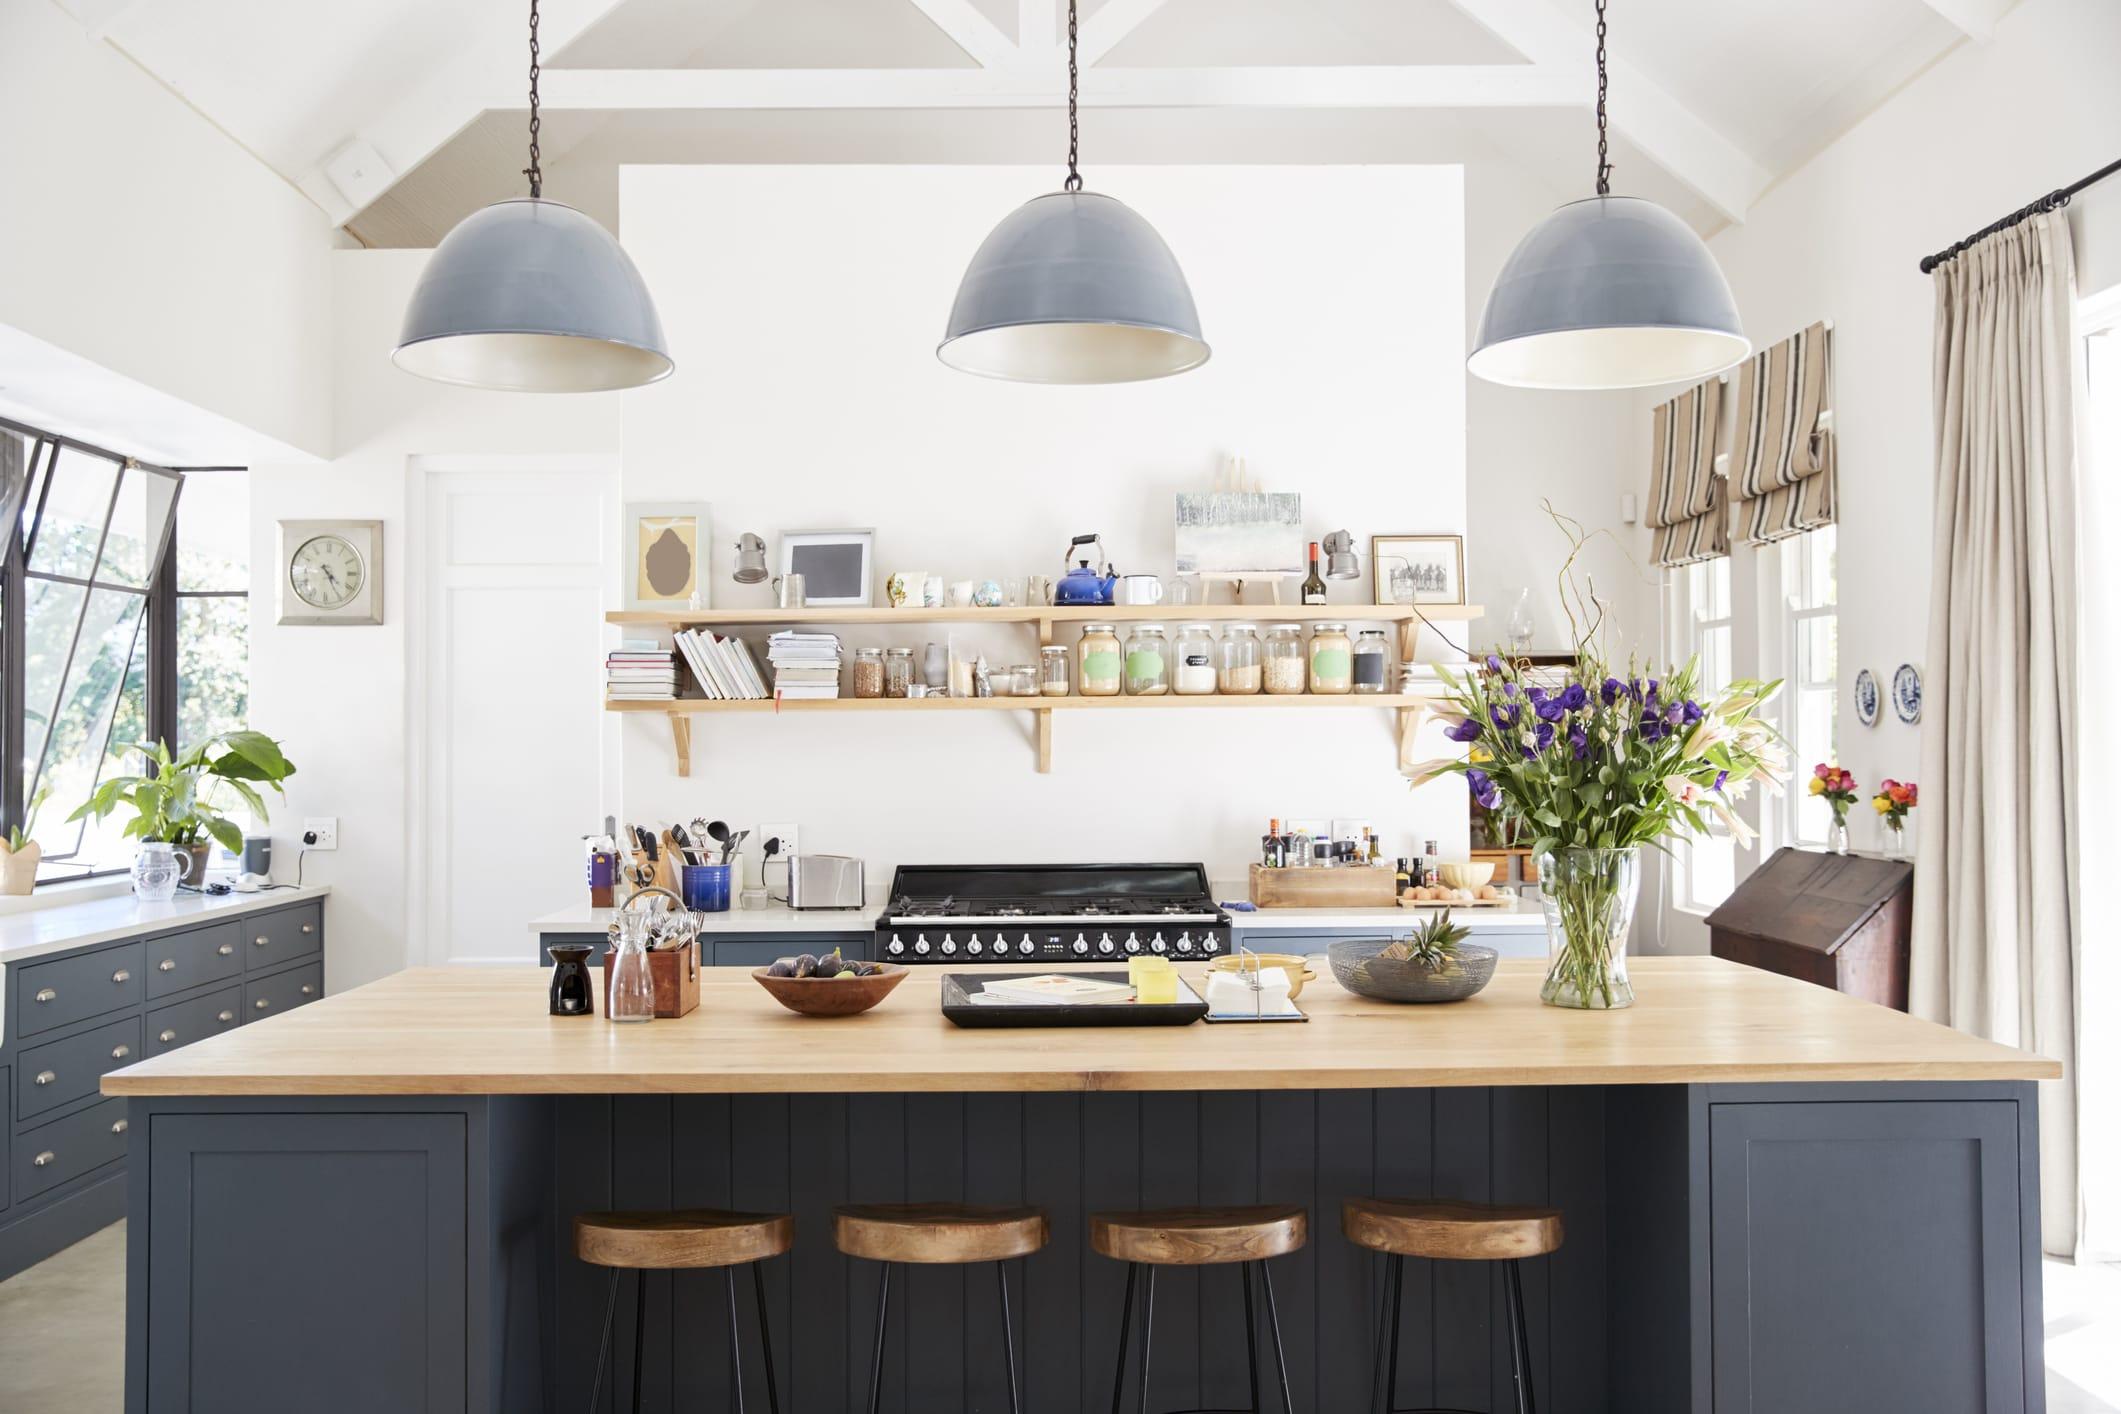 Easy Kitchen Lighting Ideas To Brighten Your New Kitchen Moonlight Design